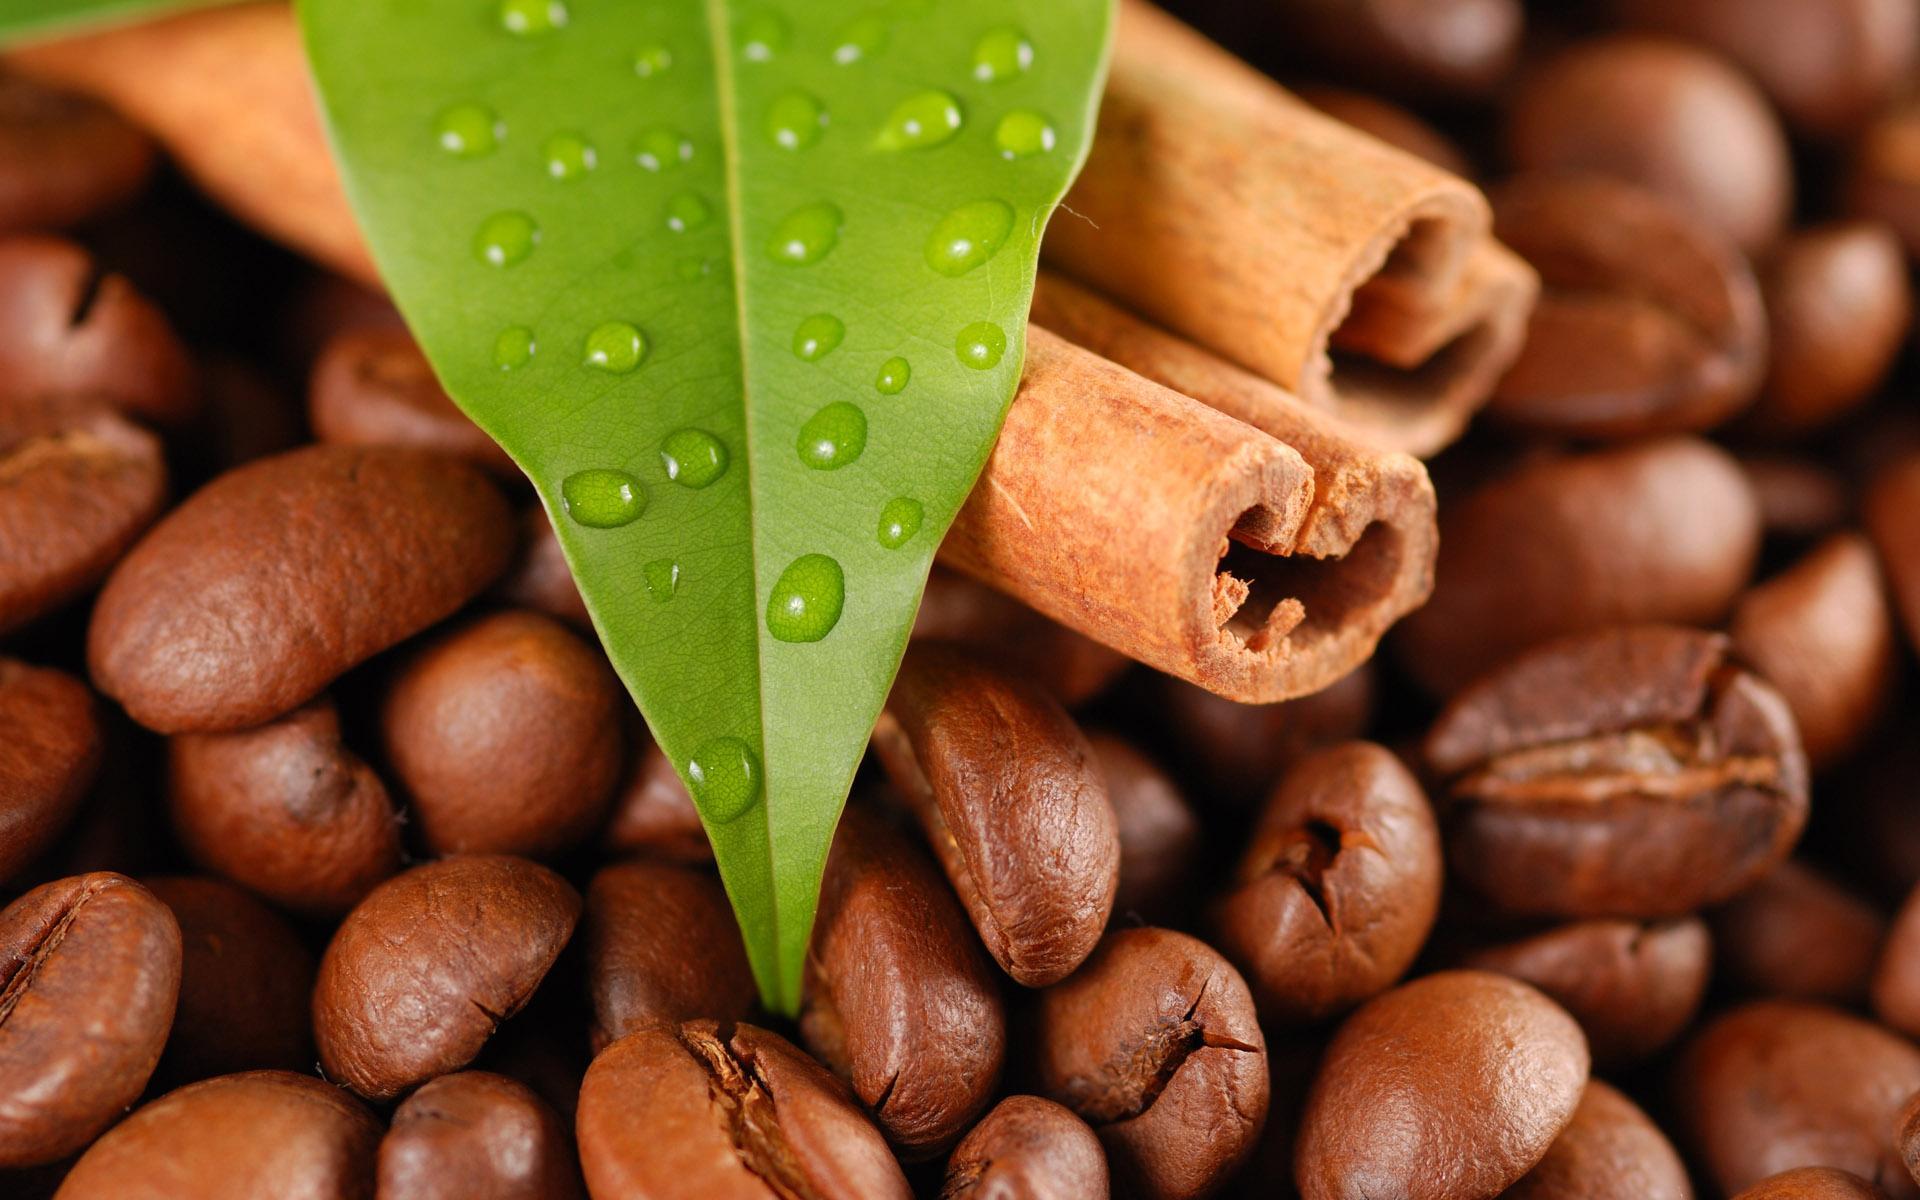 кофейные зерна, шоколад и лист дерева, скачать фото, обои на рабочий стол